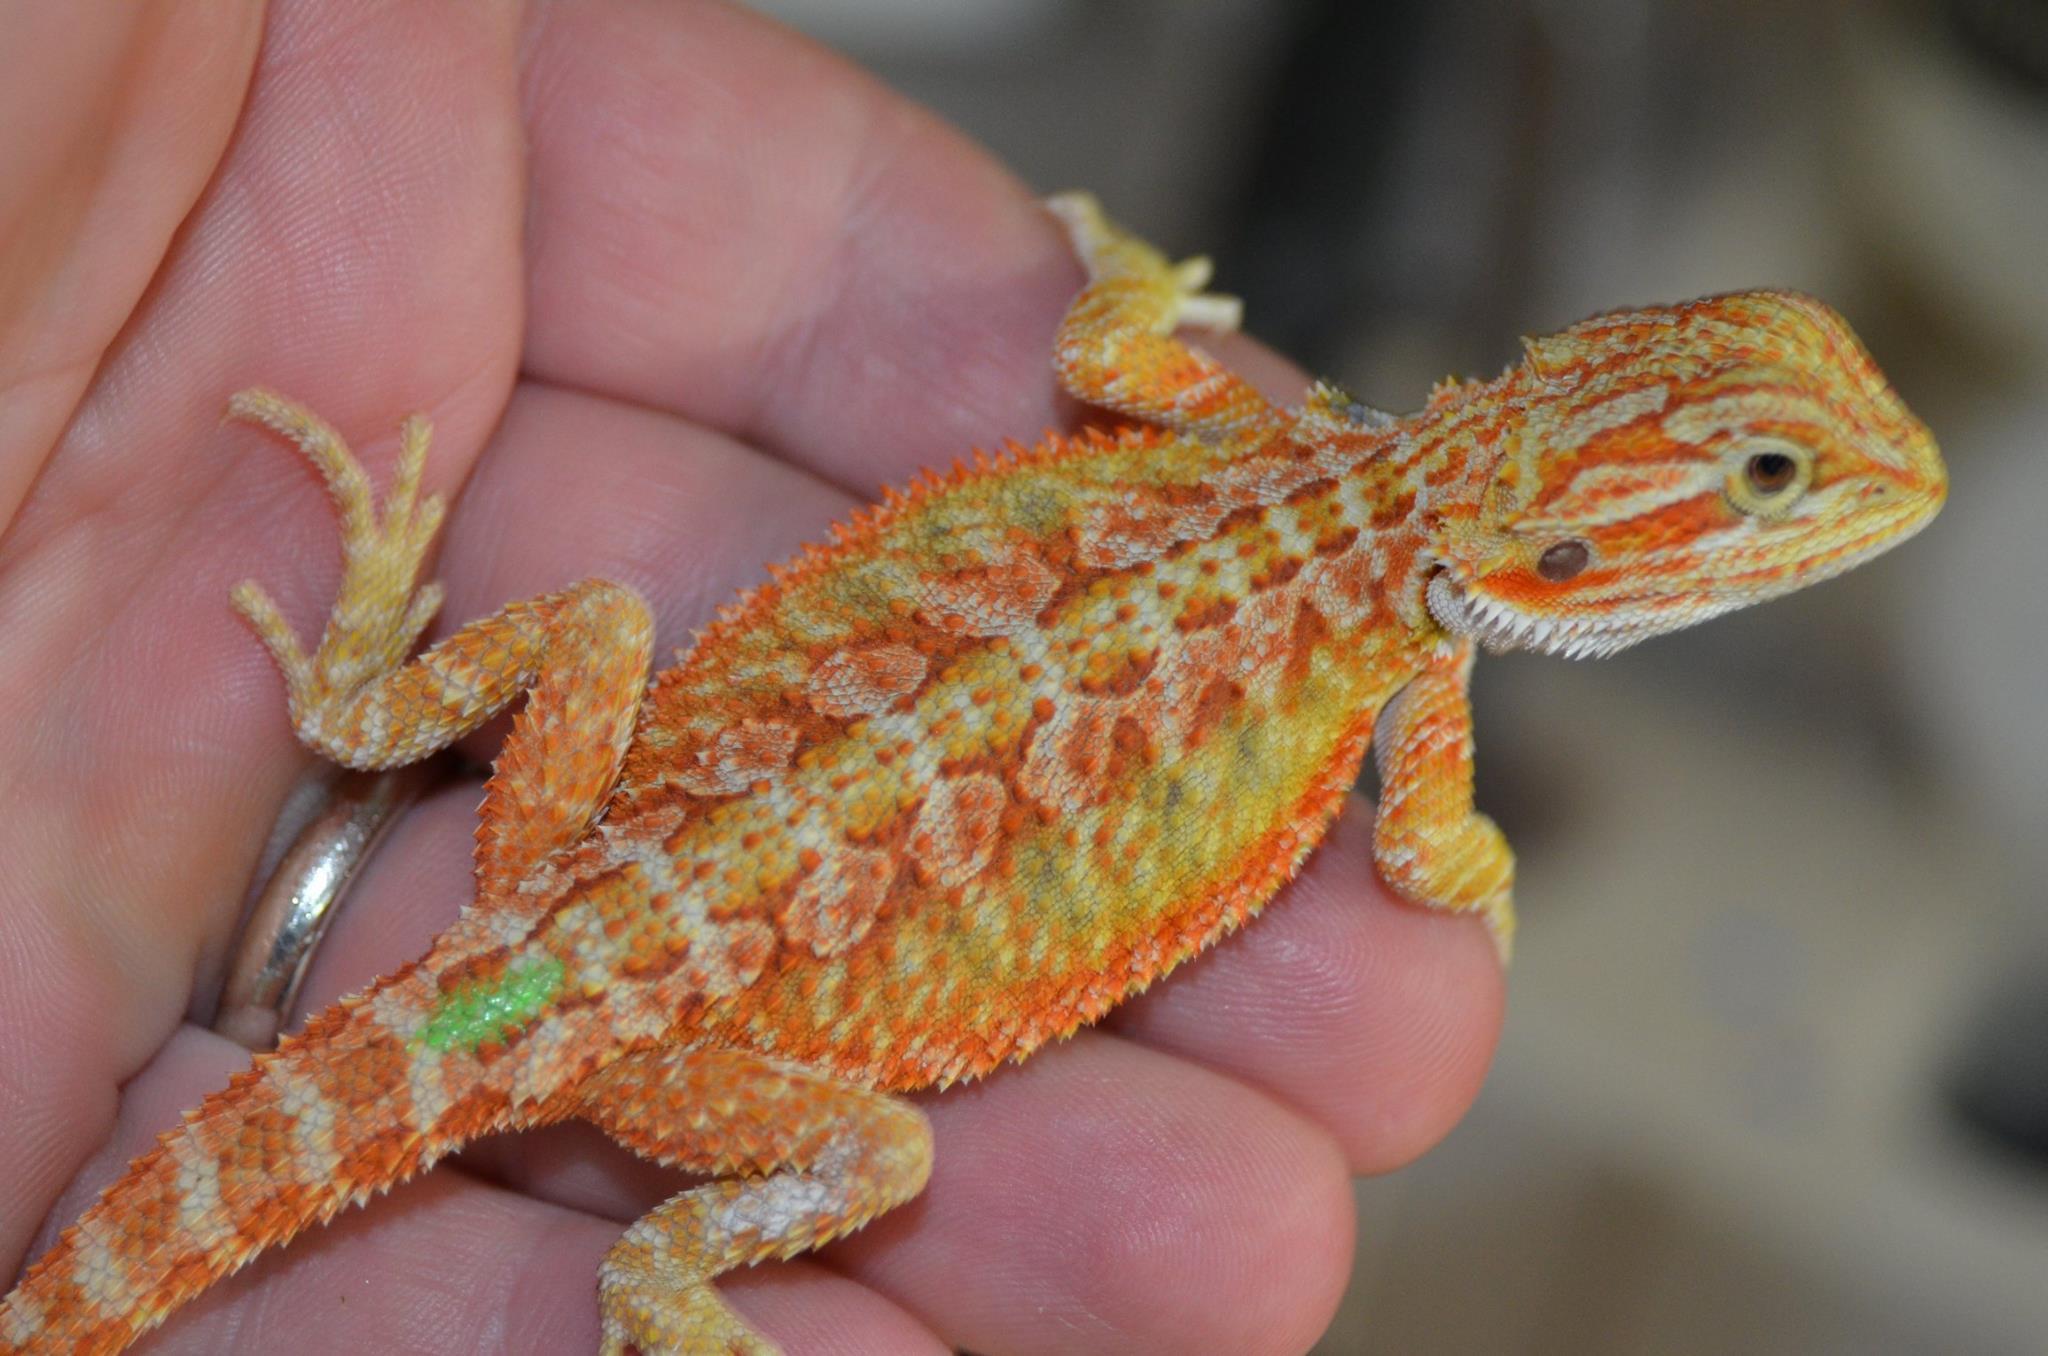 Bearded Dragon Photos | Bearded dragons for sale